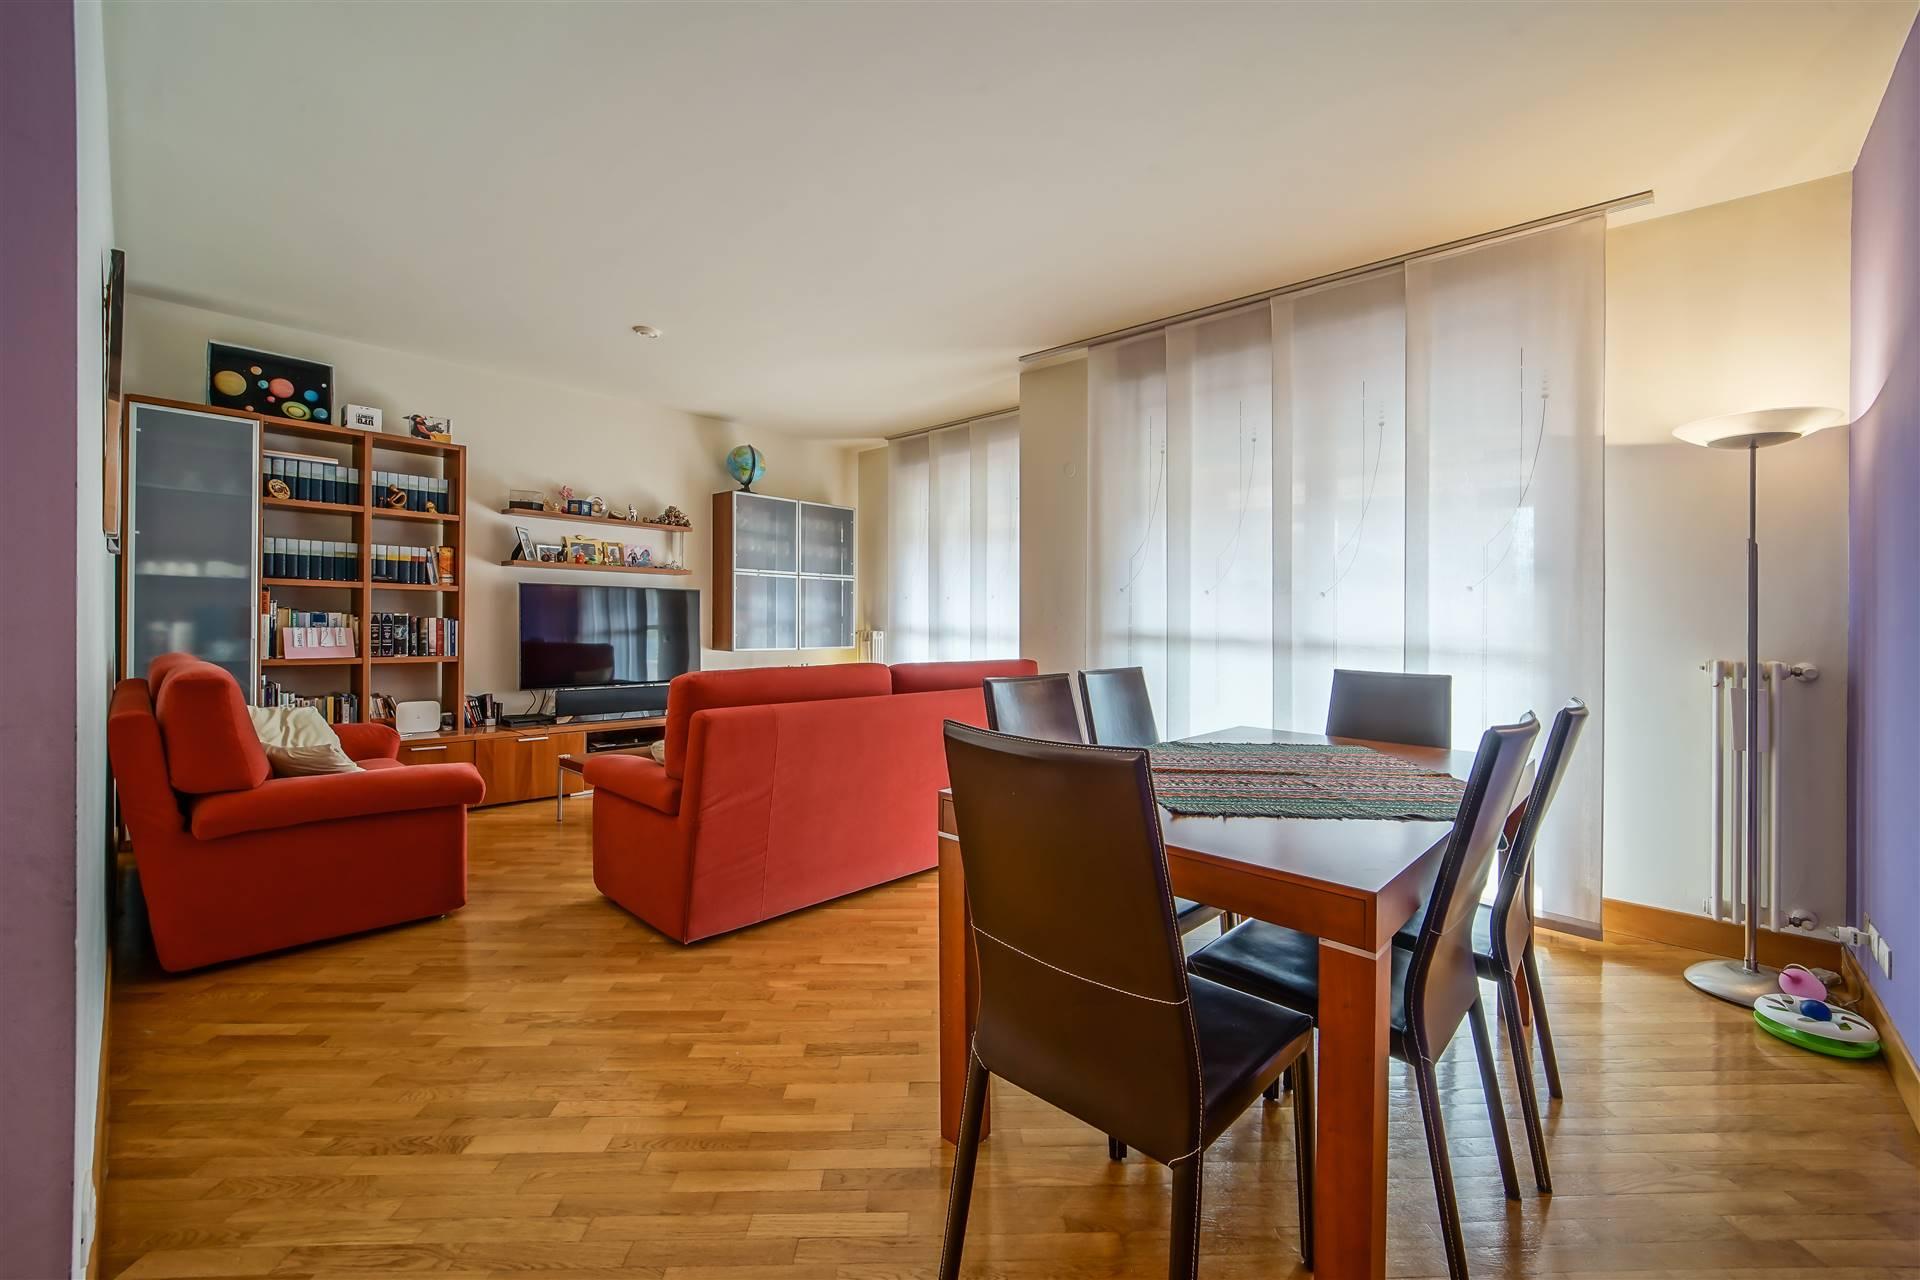 Appartamento in vendita a Lecco, 3 locali, zona ello, prezzo € 310.000   PortaleAgenzieImmobiliari.it